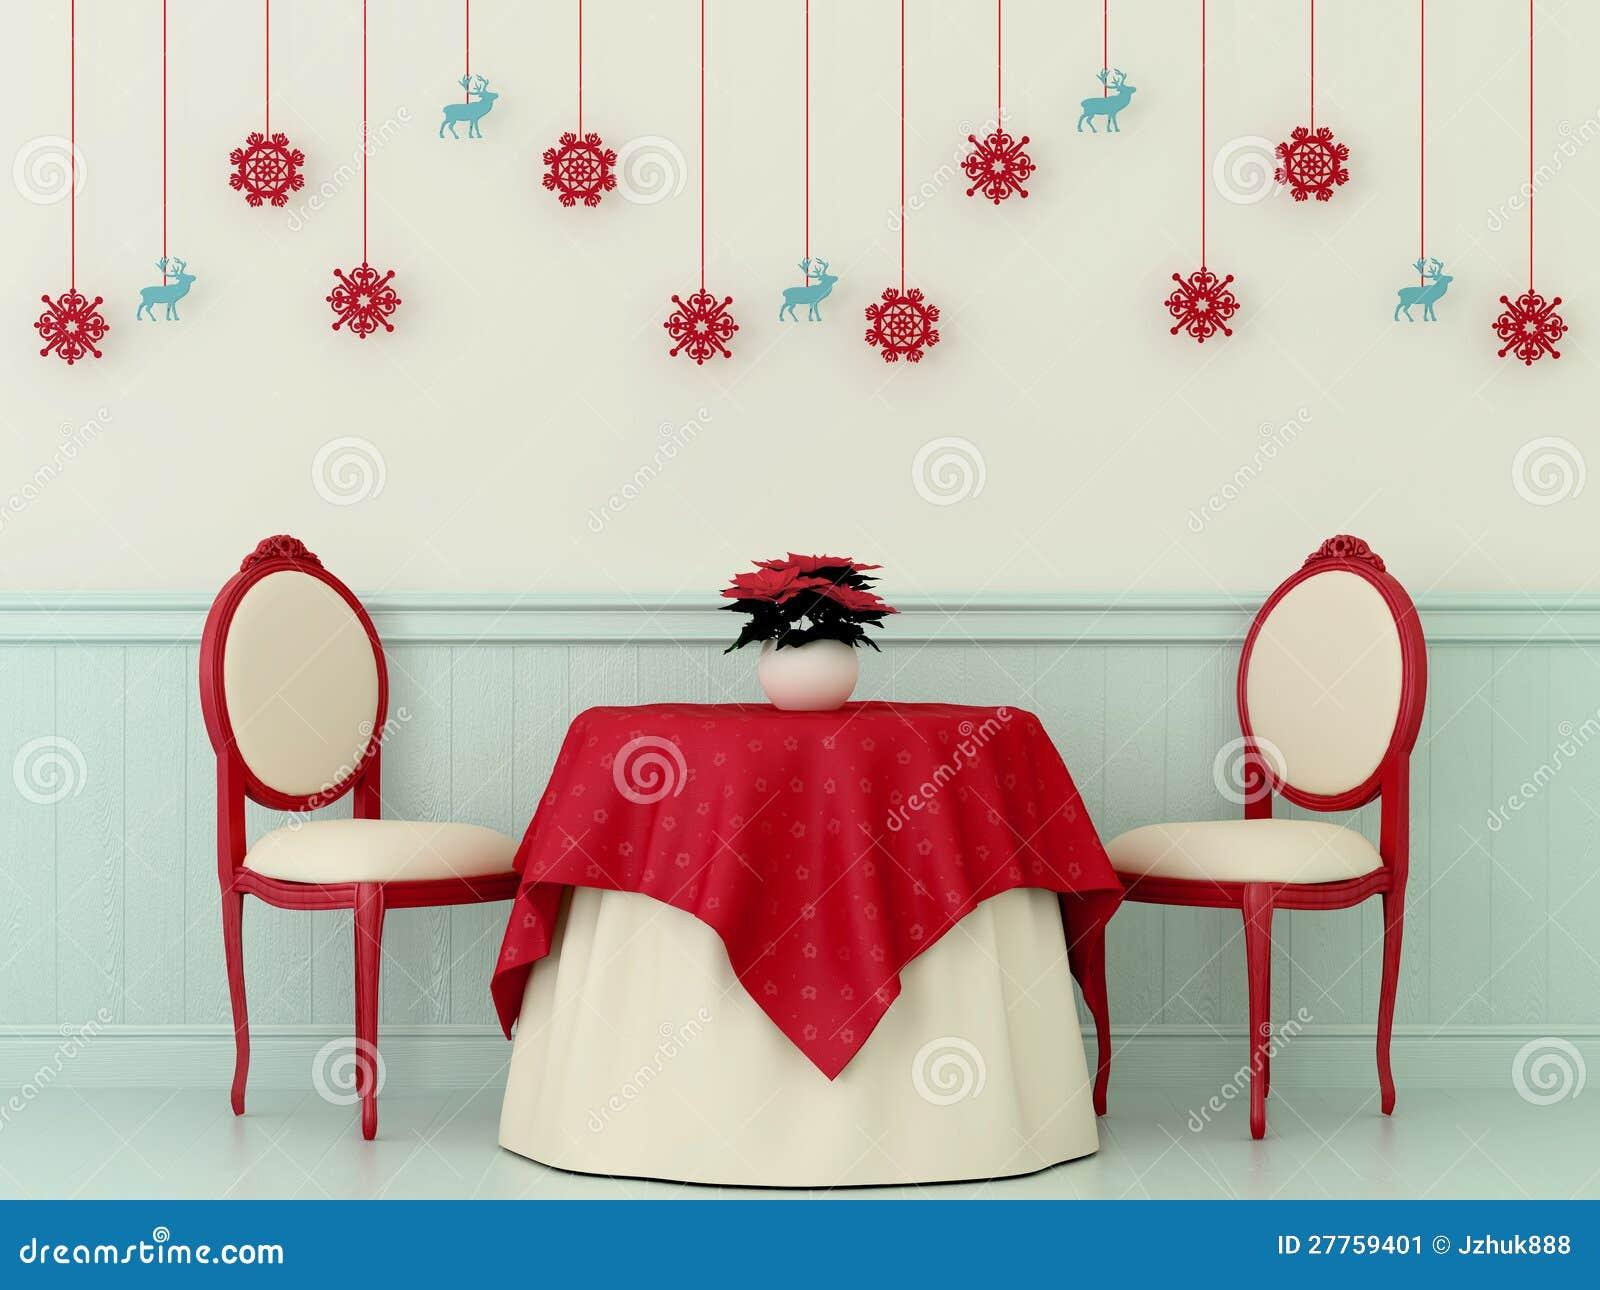 Présidences et une table avec des décorations de Noël